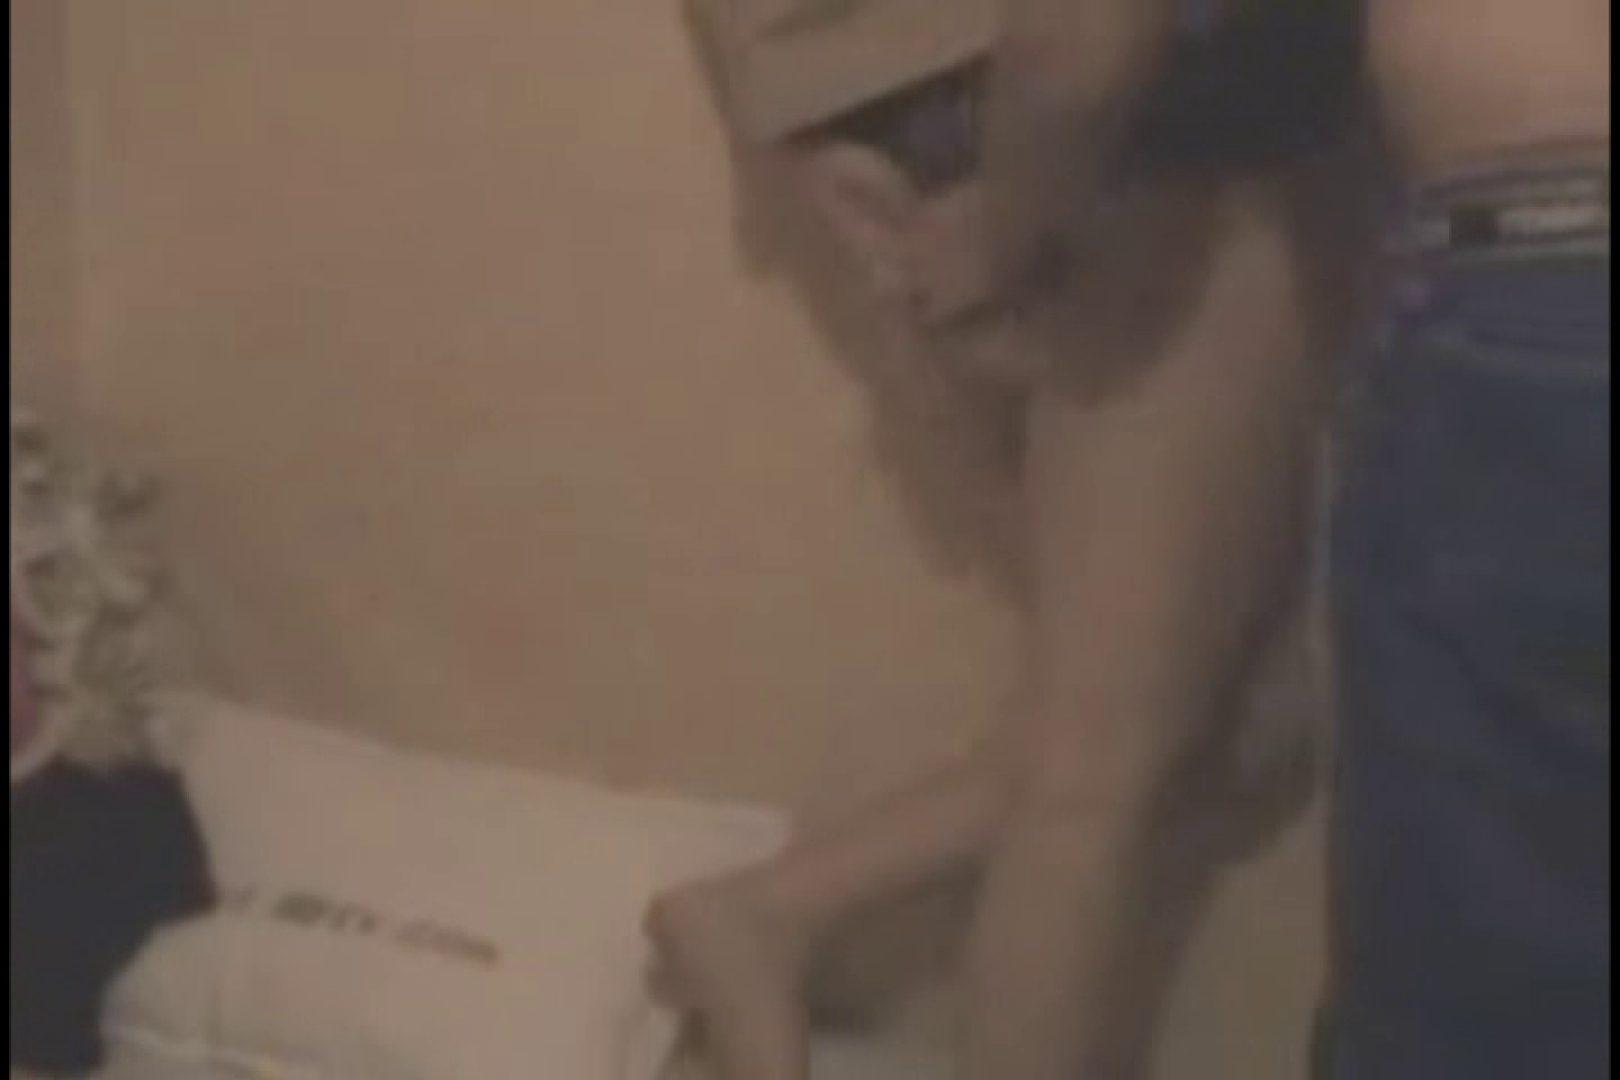 コリアン素人流出シリーズ 素人セフレ仲間でセックスパーティー マンコ  69連発 21